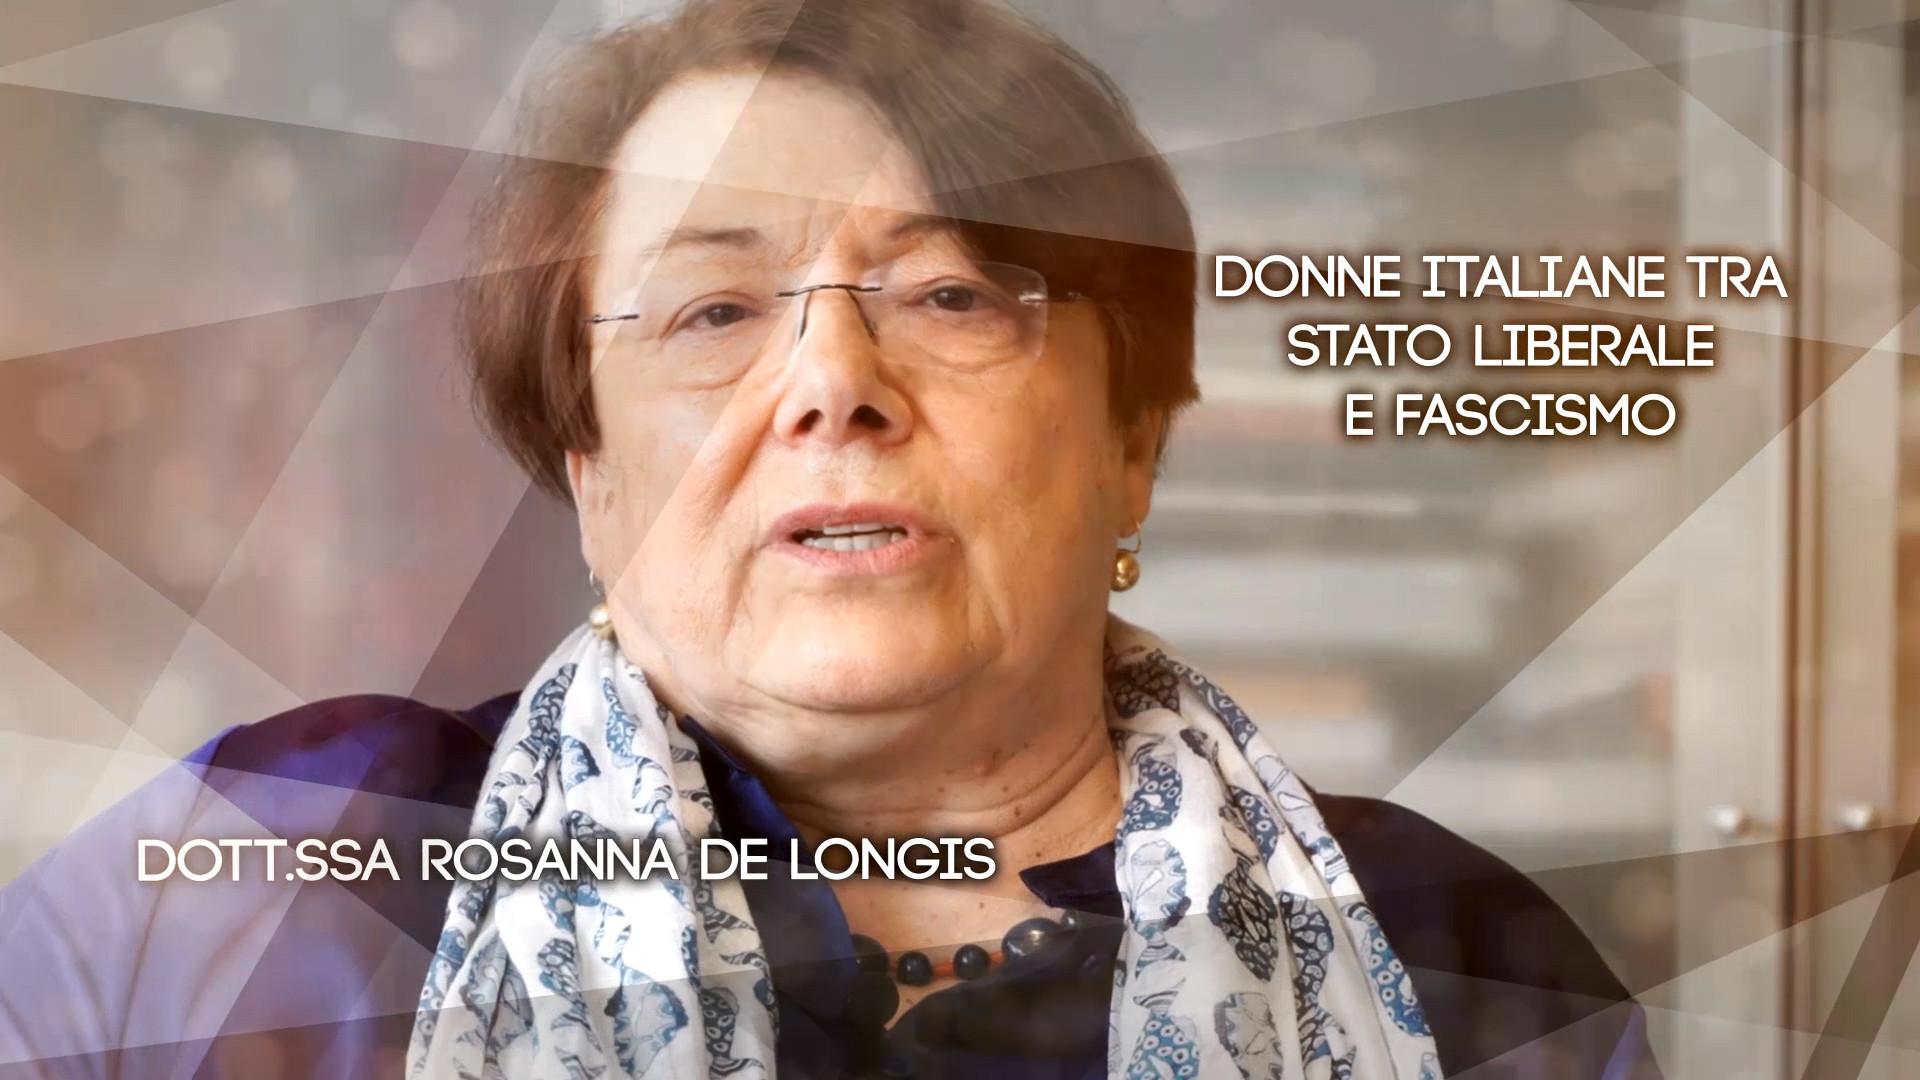 Ep1 Donne italiane tra Stato liberale e fascismo - Rosanna De Longis